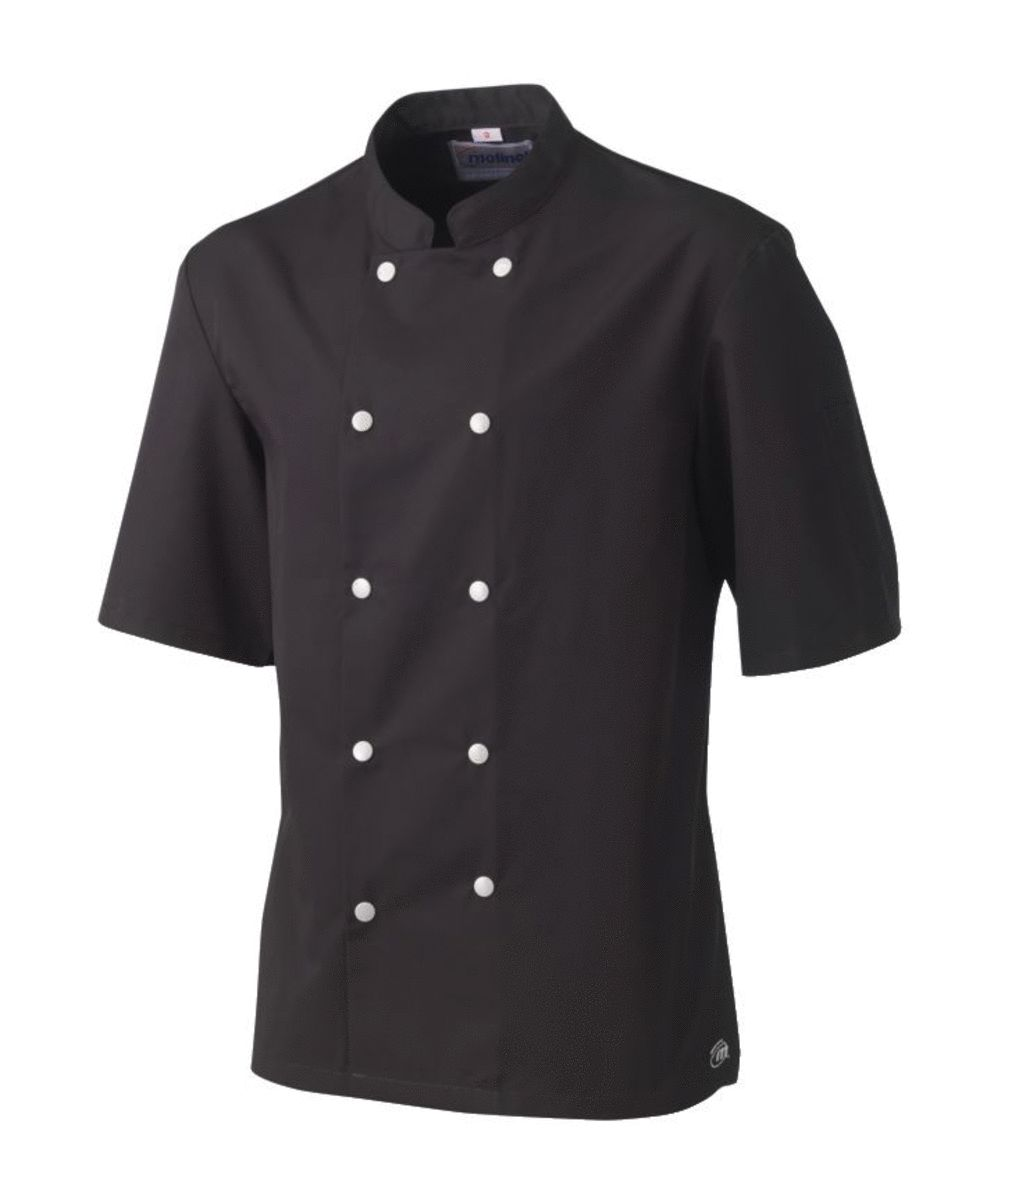 Veste de cuisine homme manche courte noire taille 5 Blake Molinel